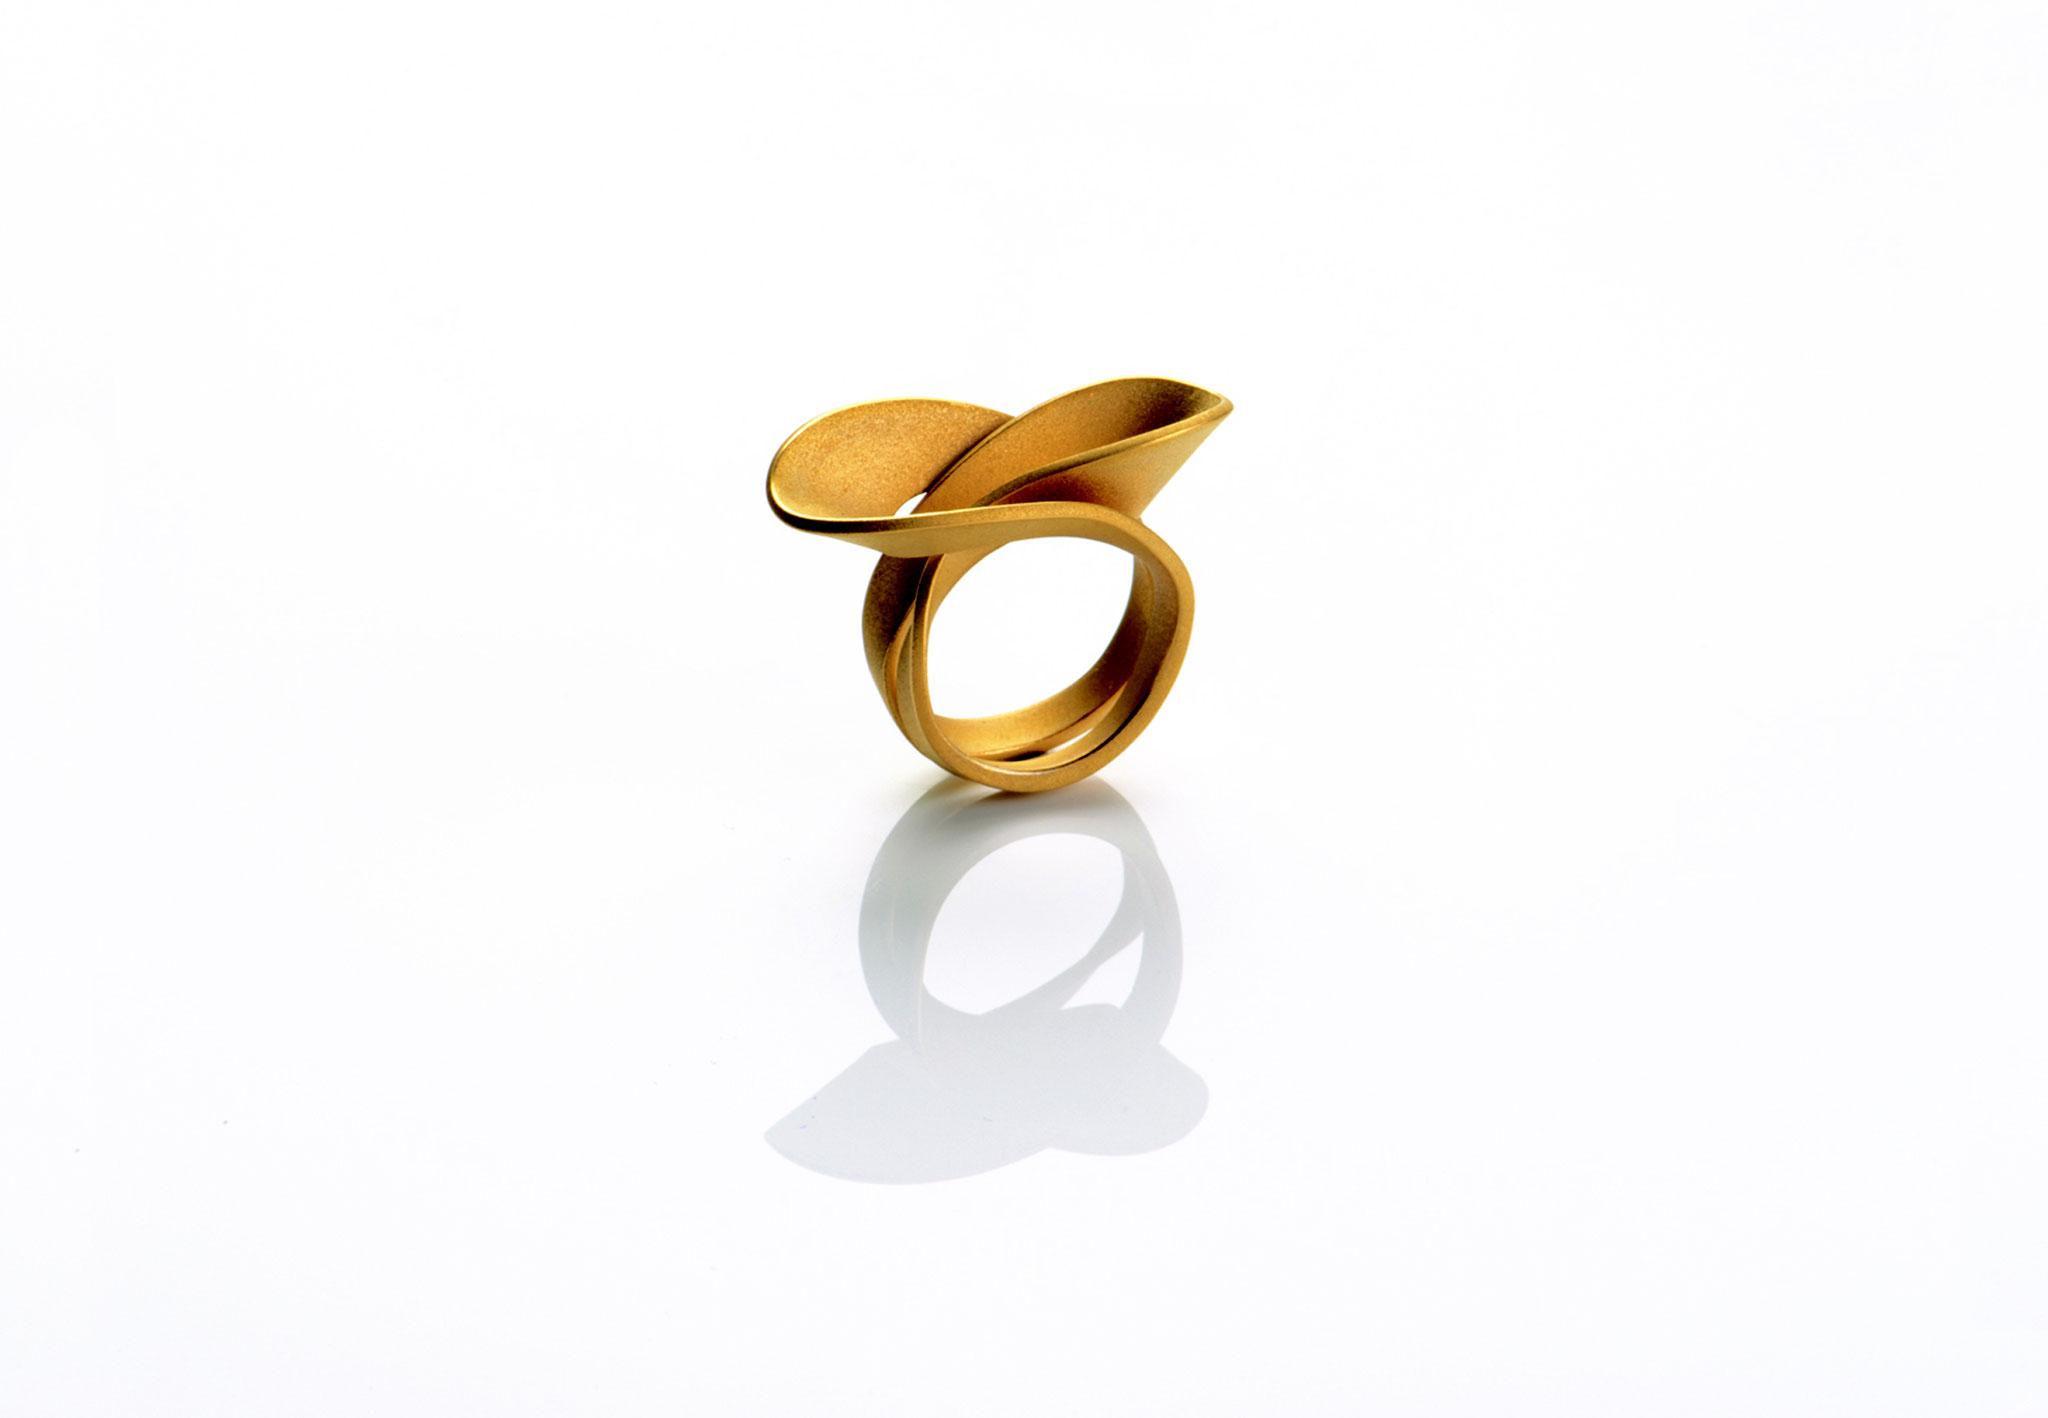 Wendepunkt Ring M2, 925/- Silber, 18ct goldplattiert